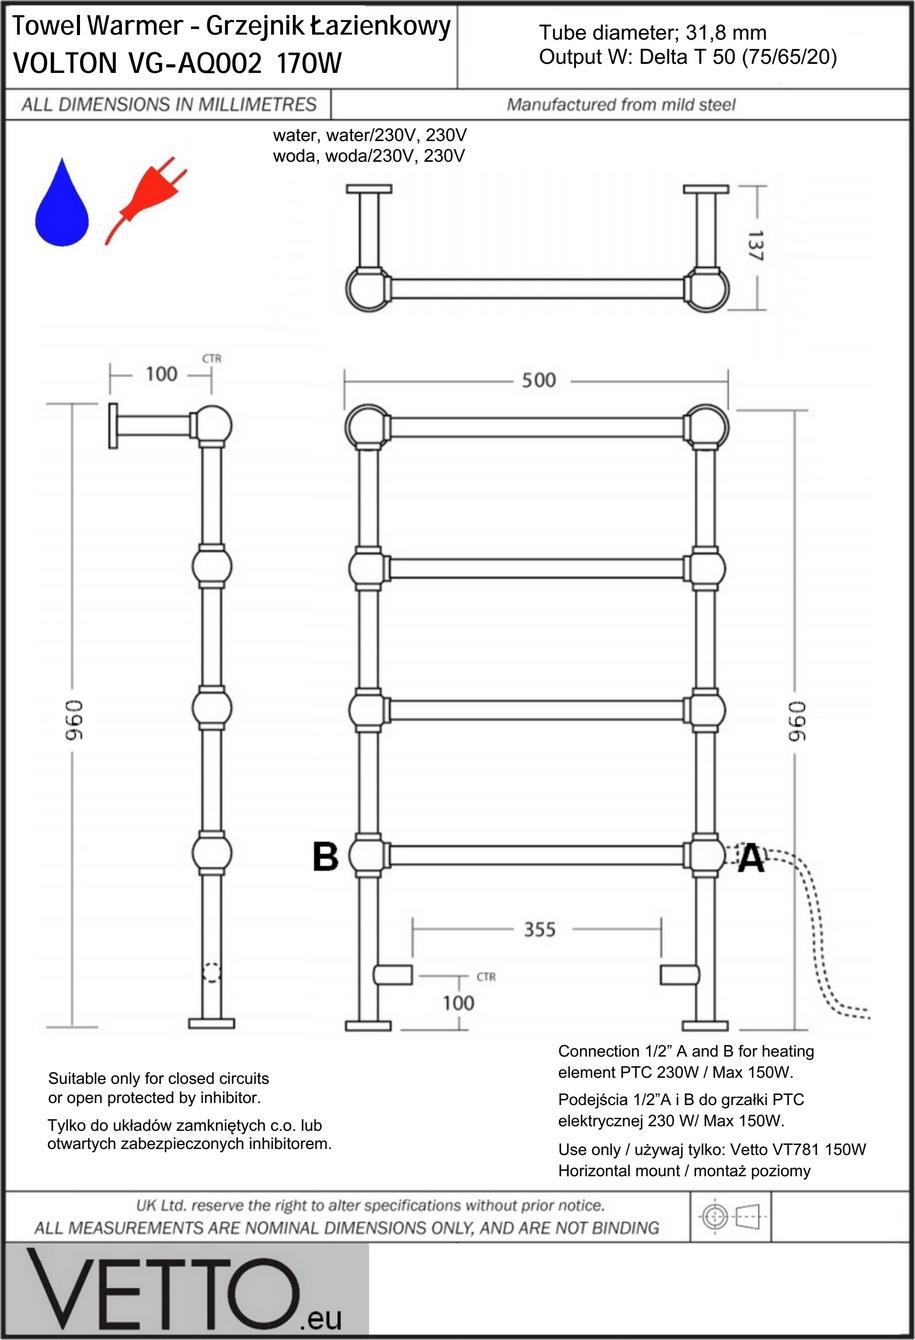 VOLTON 170W, h96x50cm, woda/230V, chrom grzejnik łazienkowy retro VETTO